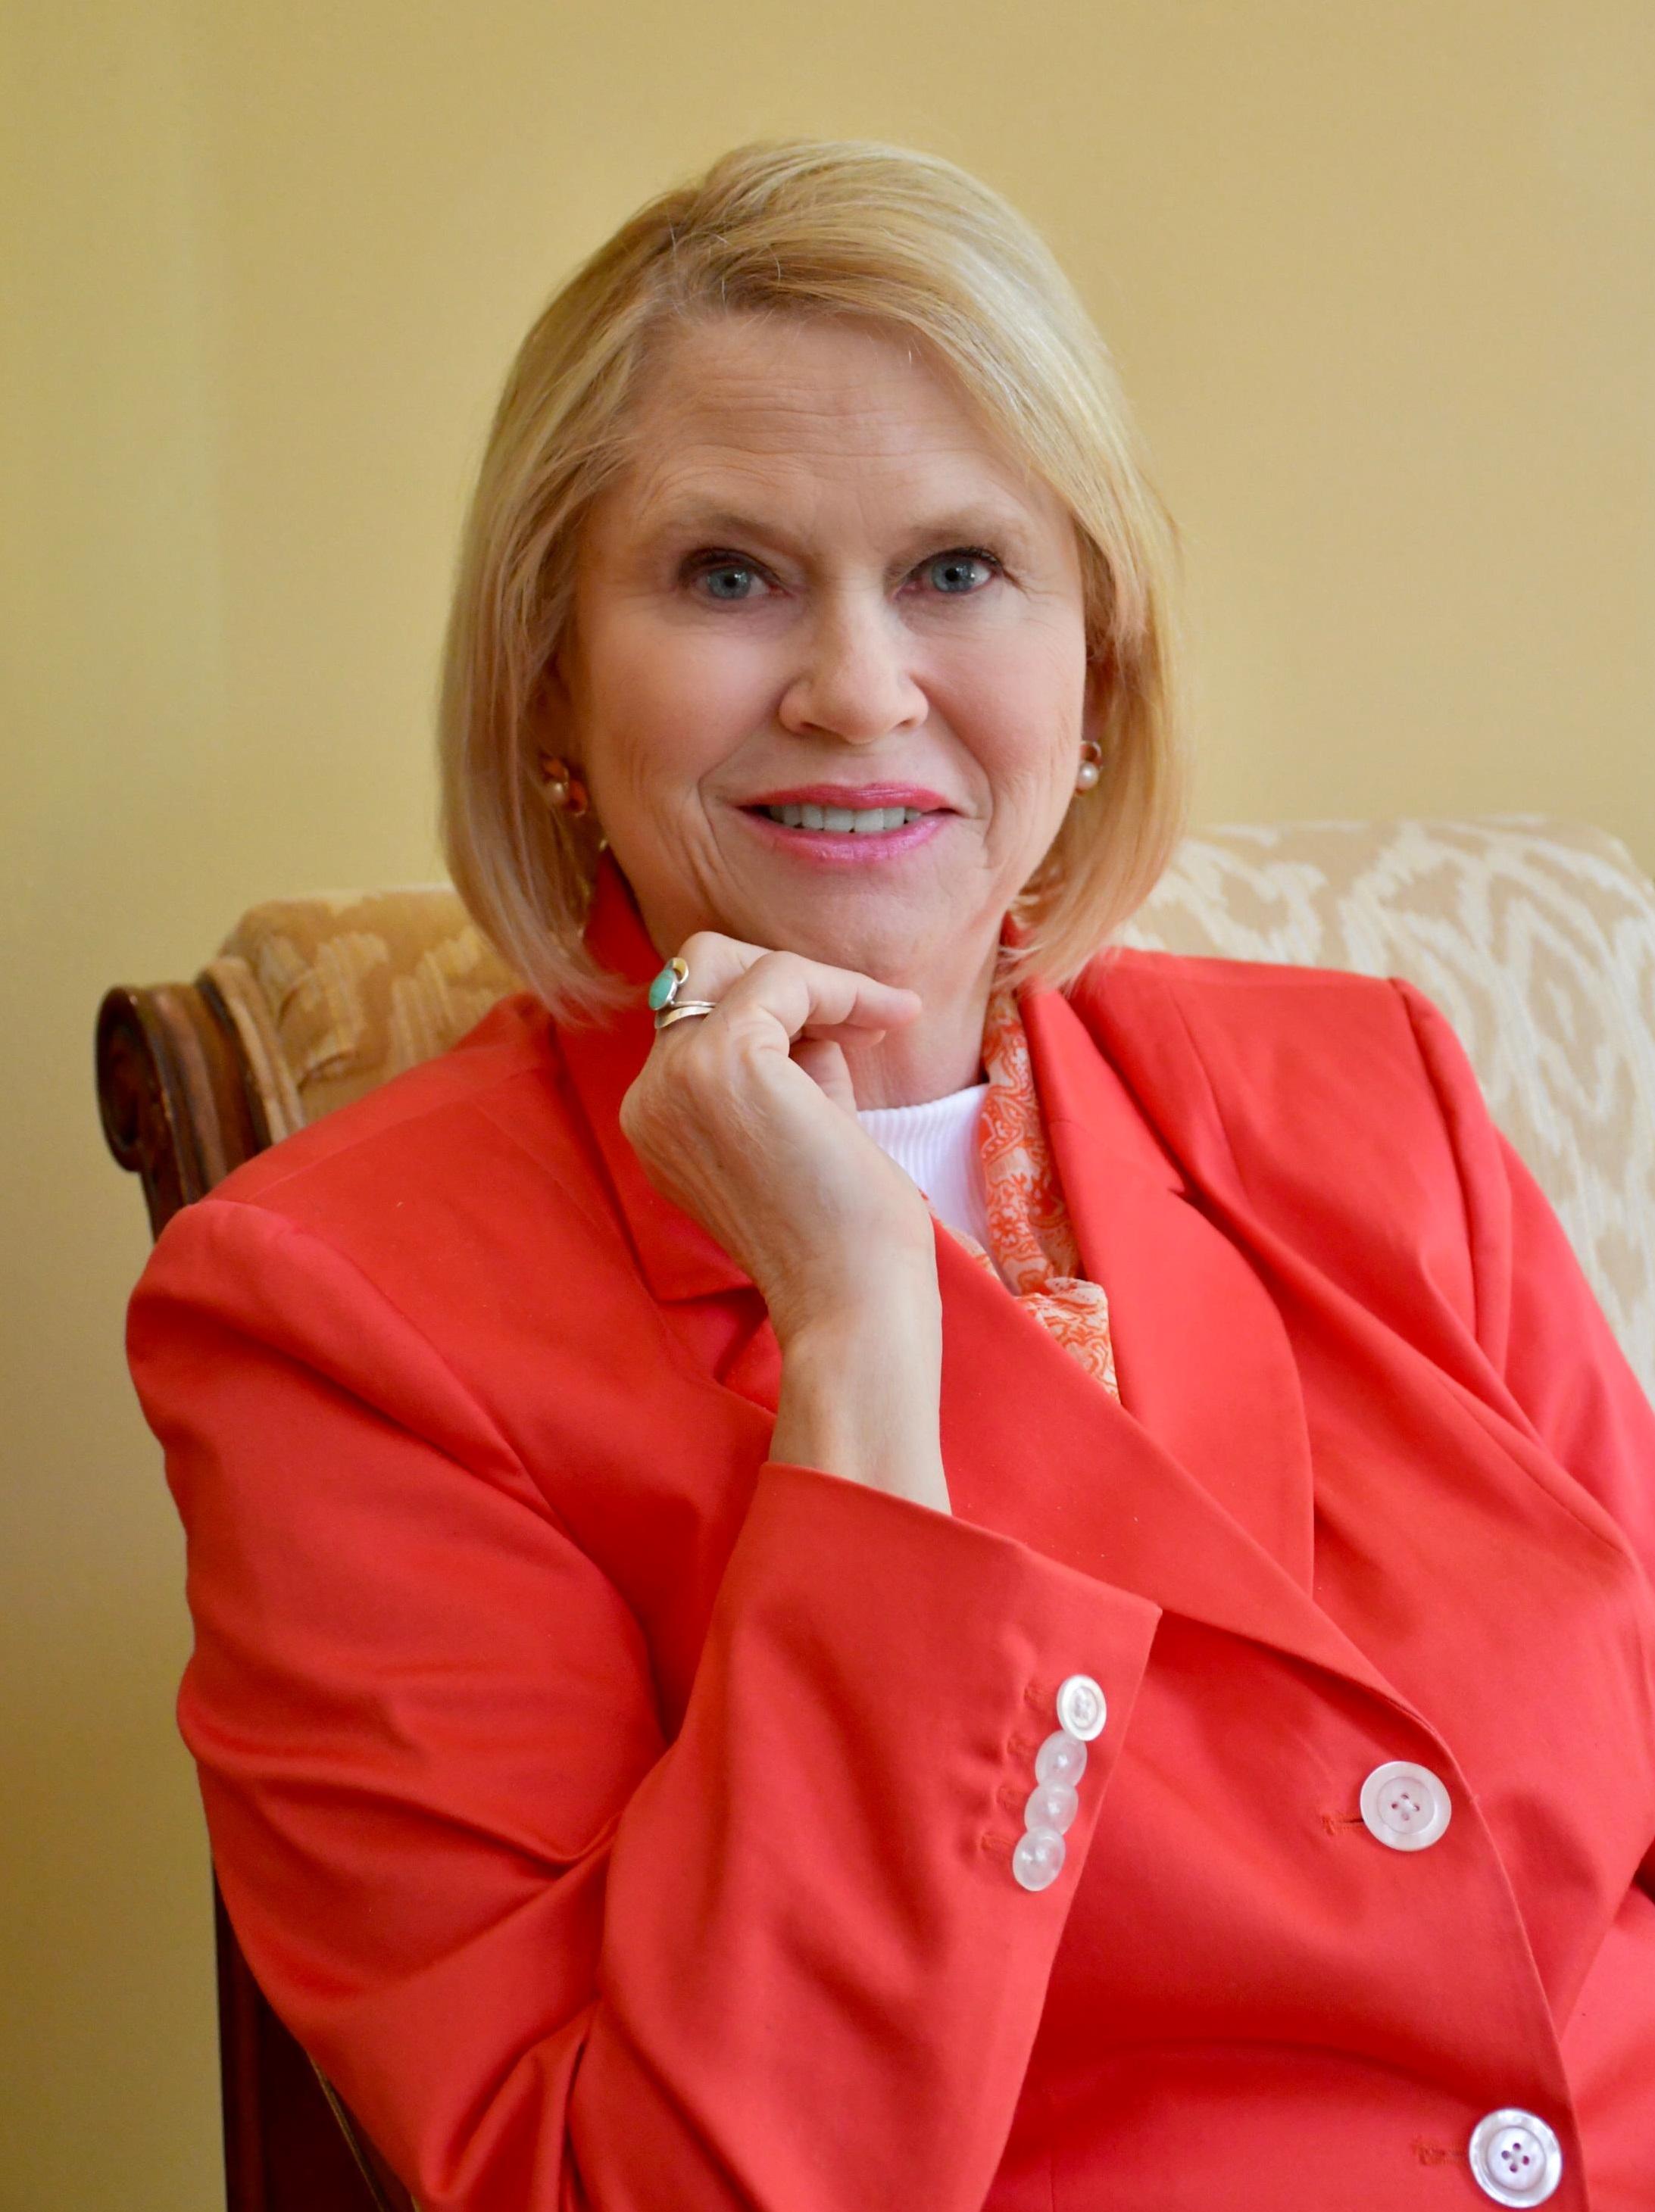 Beverly Tyner